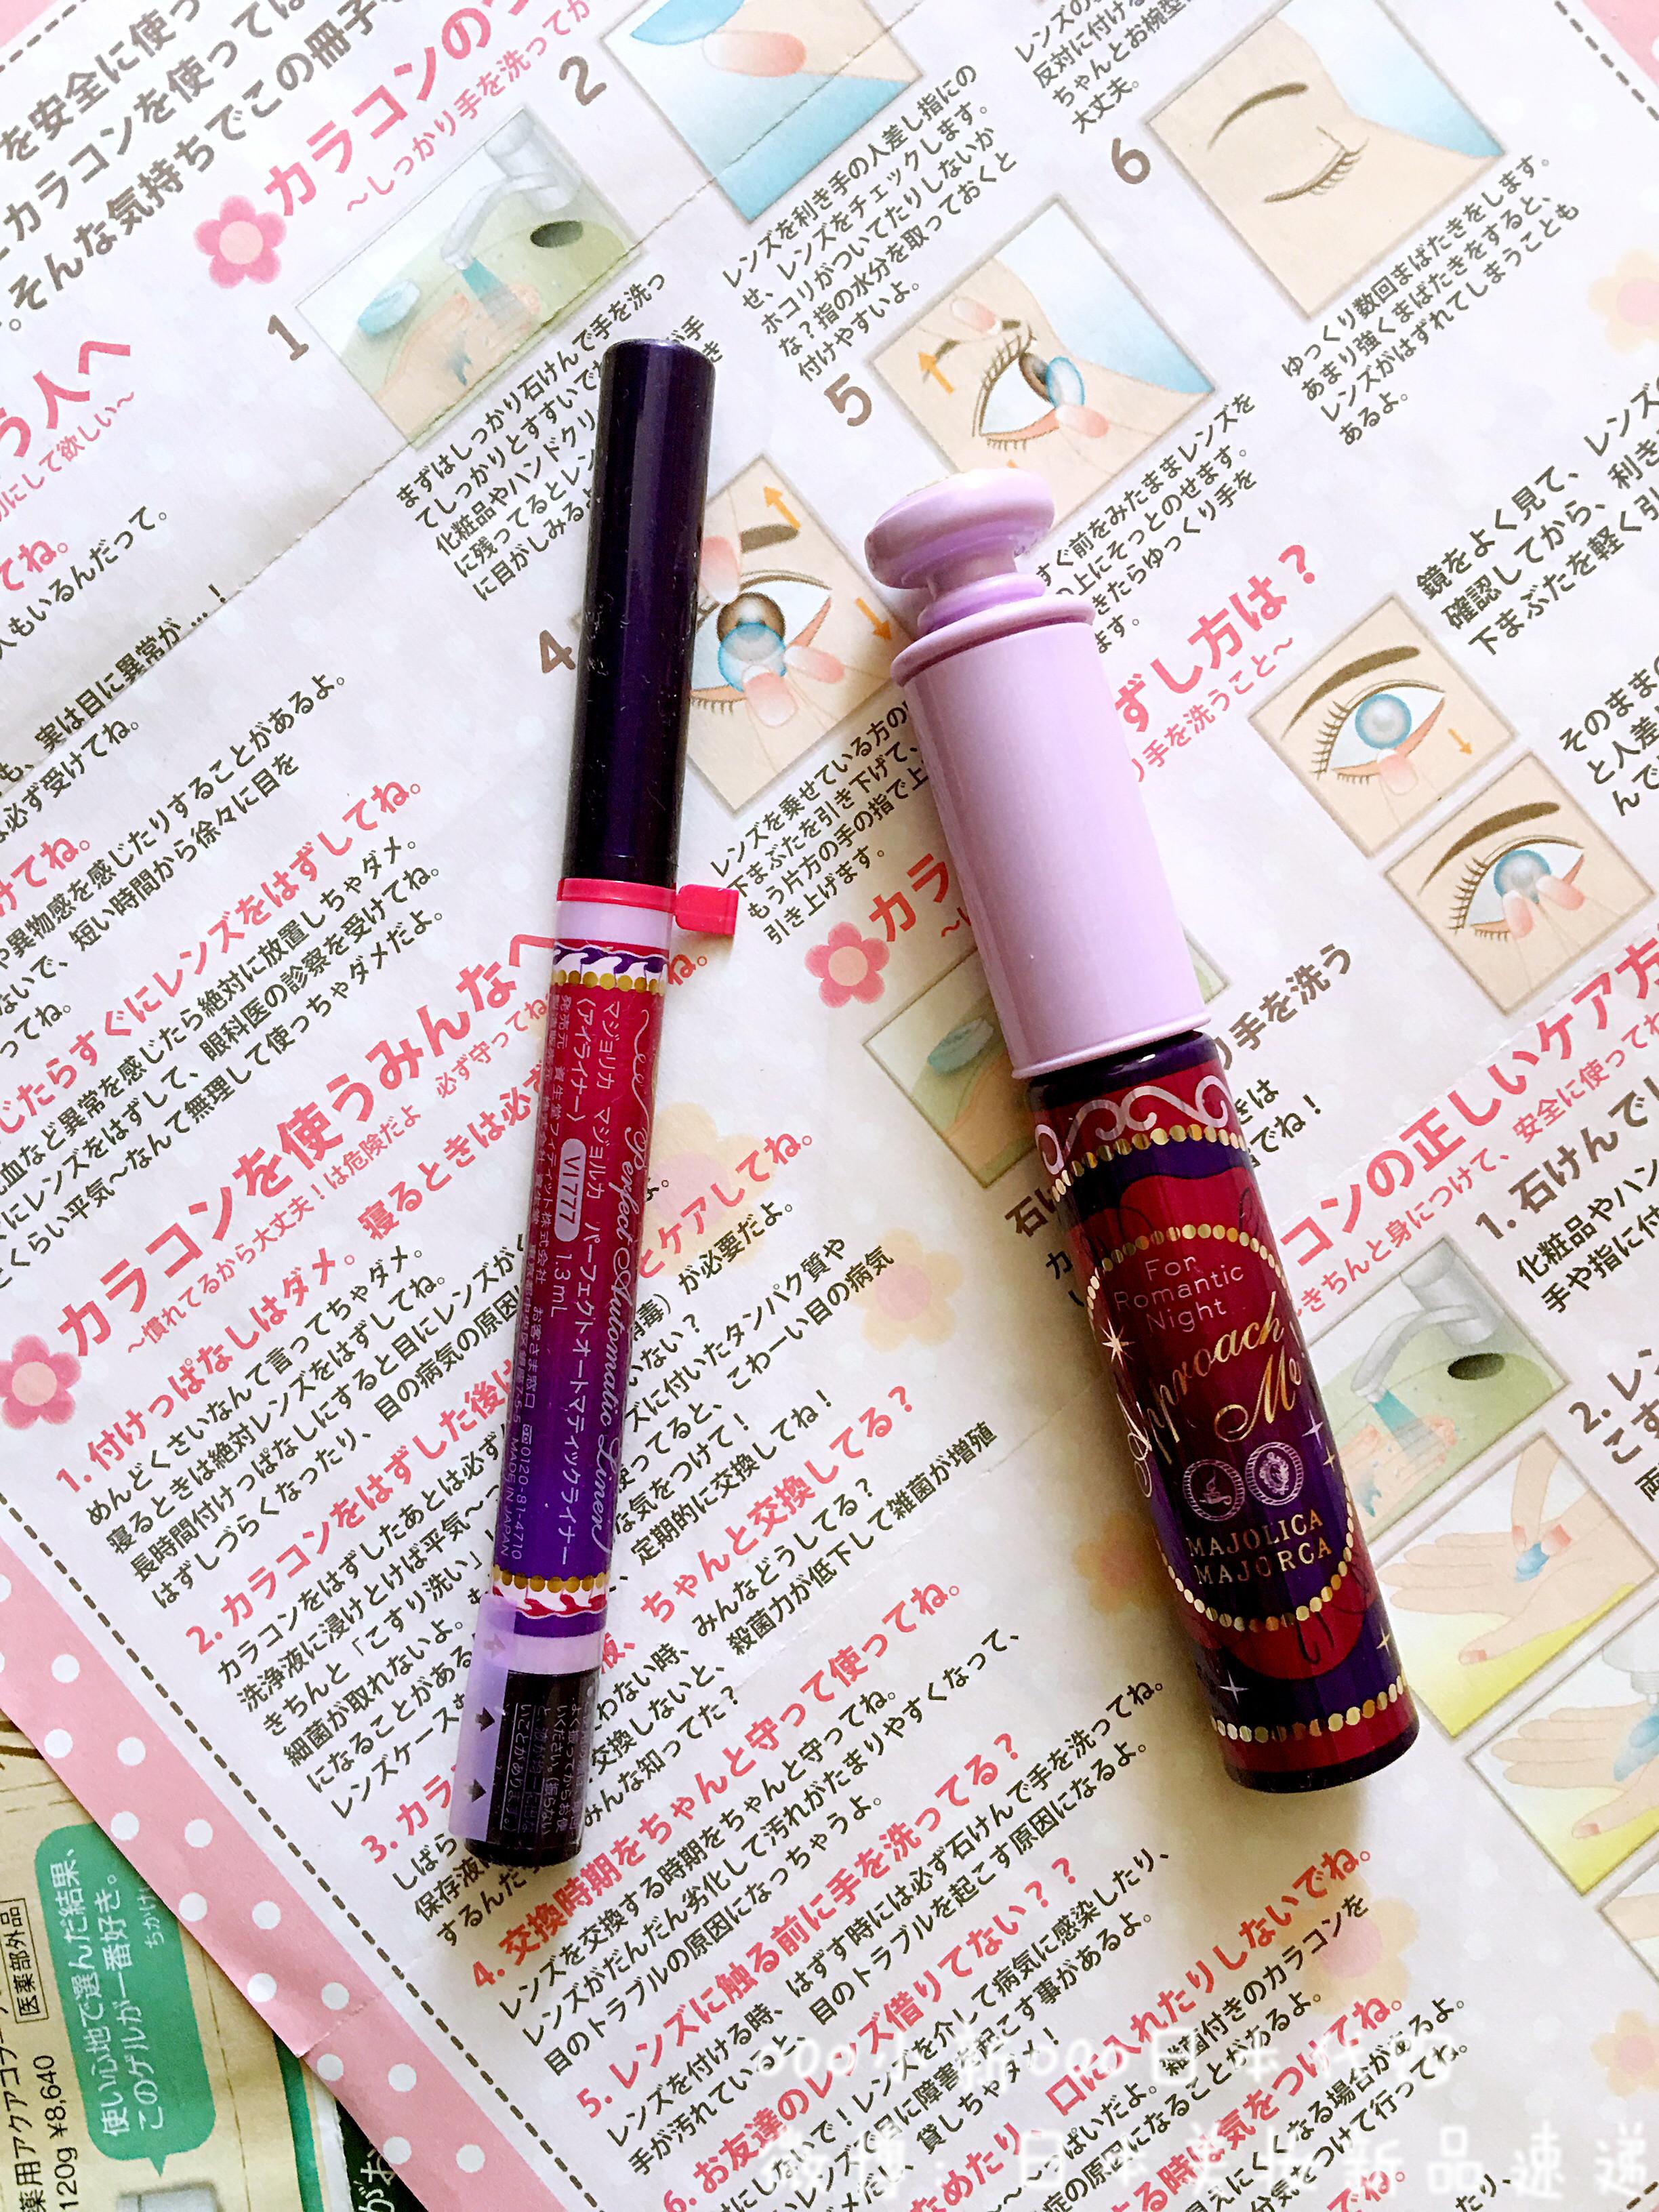 日本 资生堂 恋爱魔镜限定紫色睫毛膏 现货